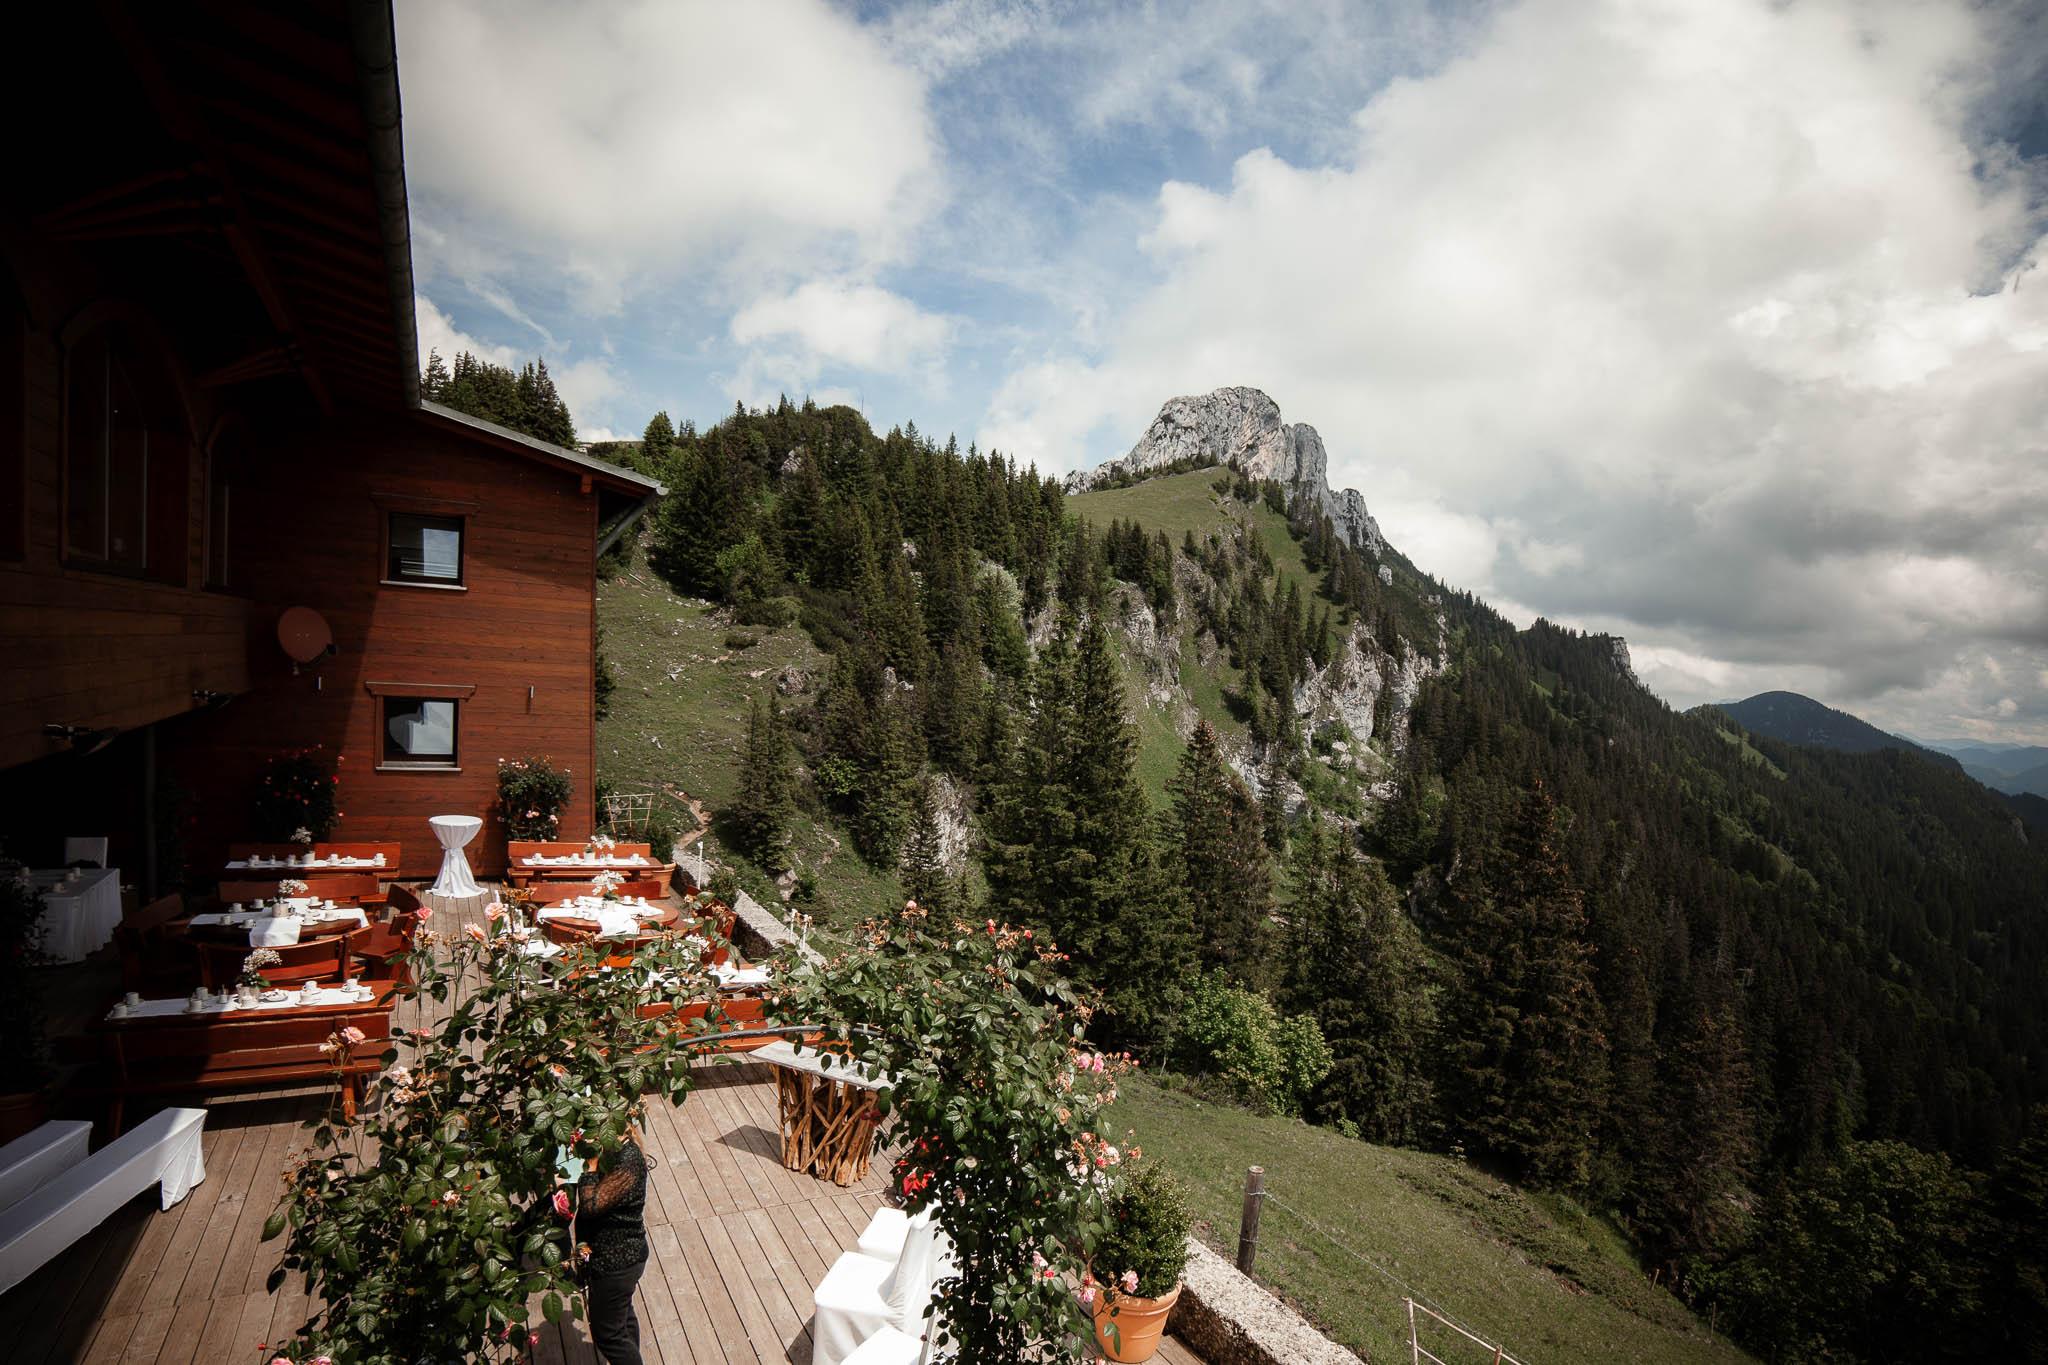 Hochzeitsfotograf Alpen, Chiemgau: freie Trauung von Dennis & Dirk 18